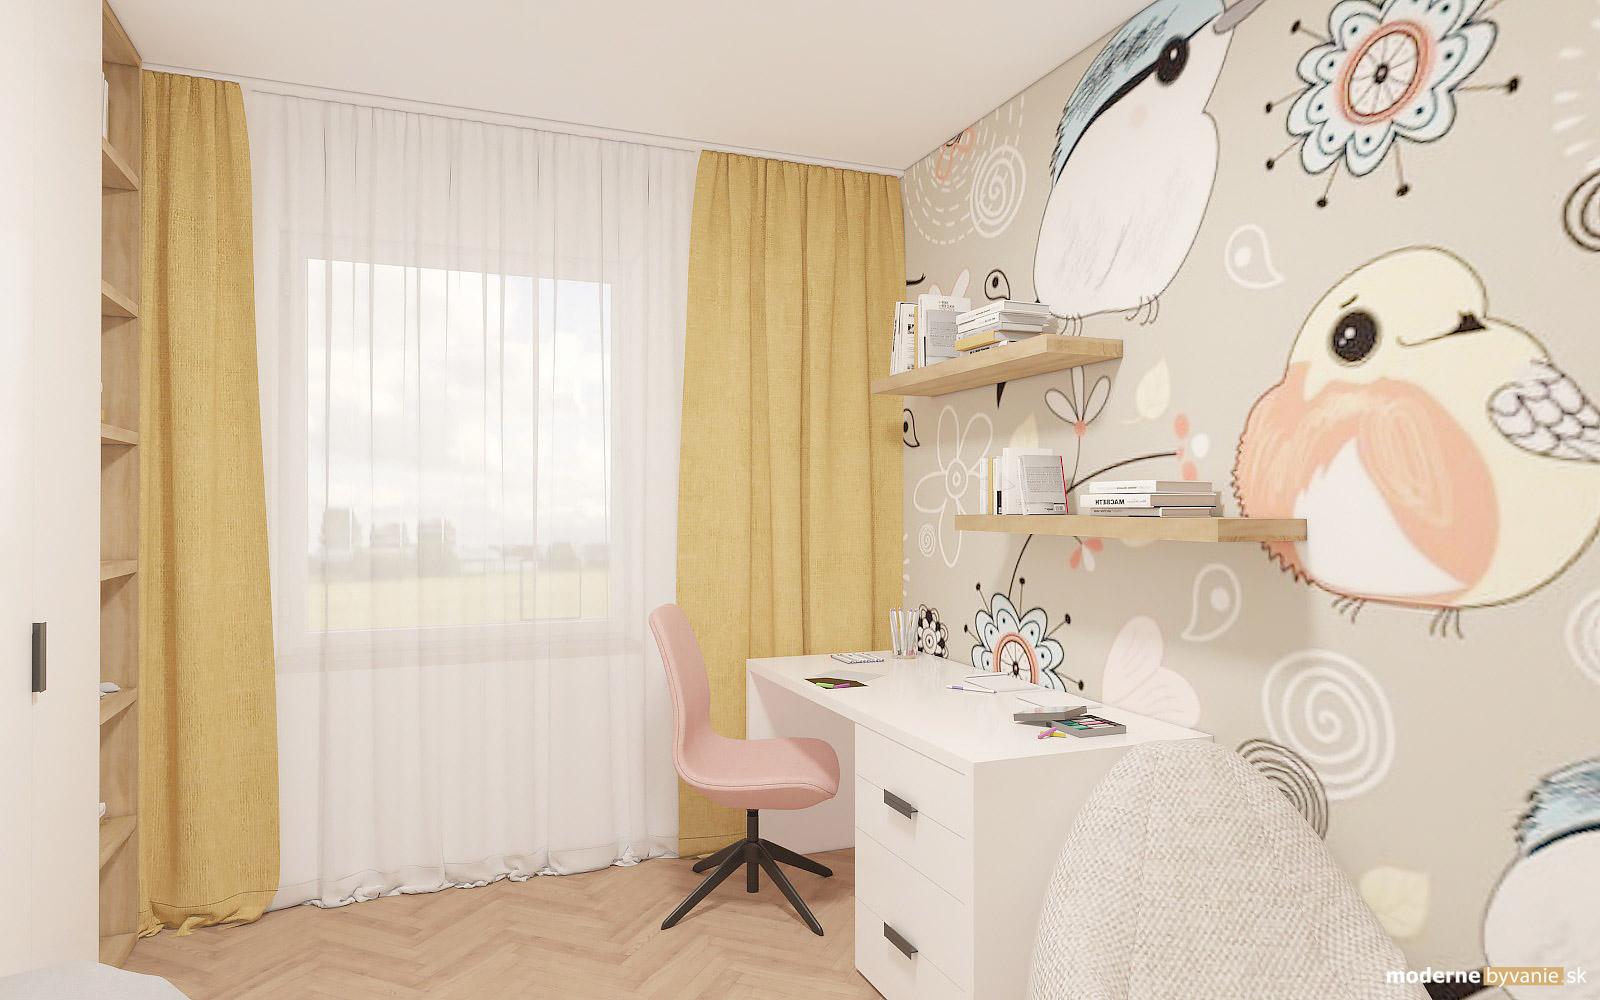 Návrh interiéru-Detská izba-Návrh interiéru domu v Cíferi